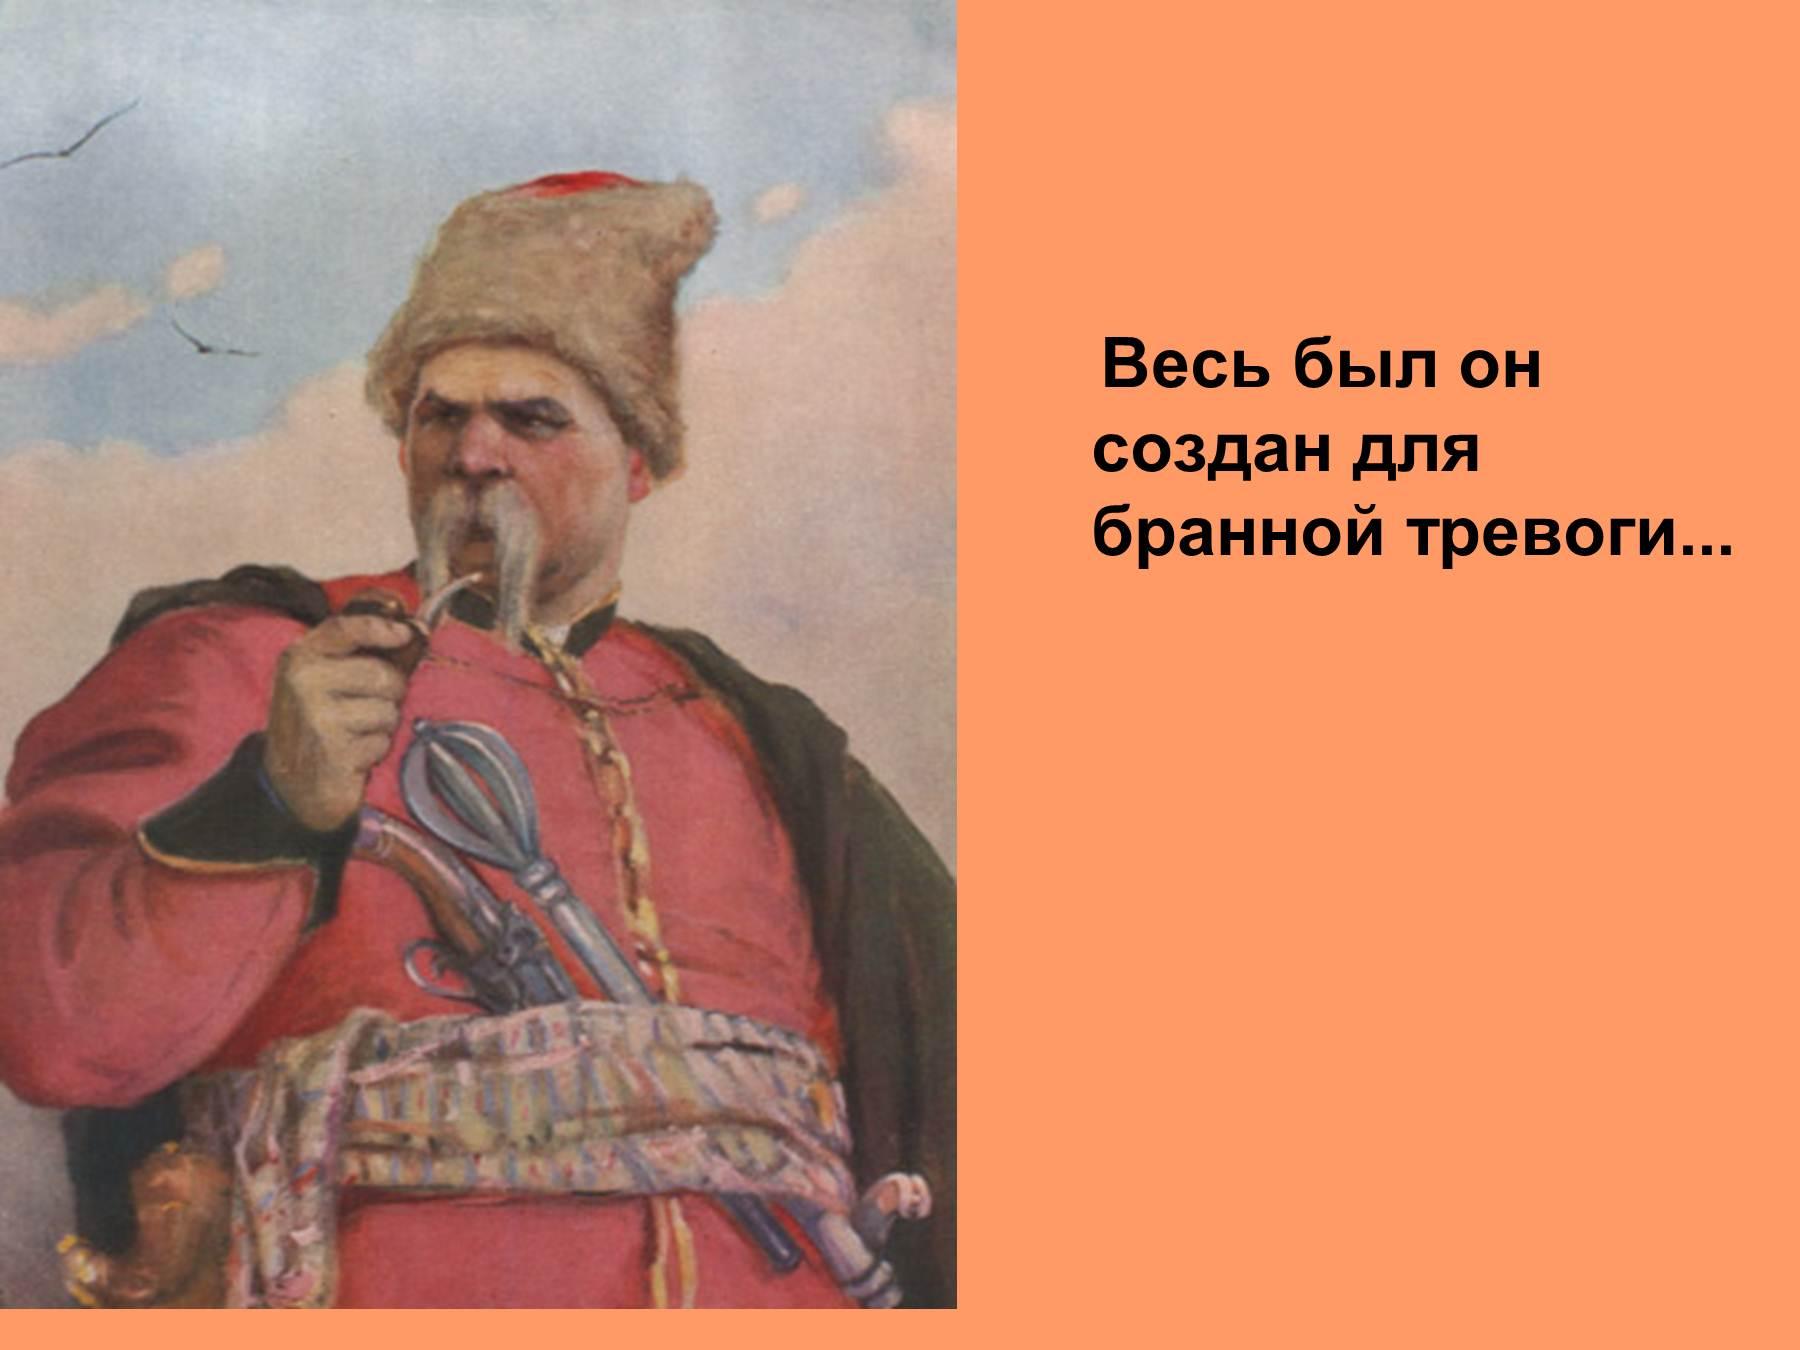 Почему гоголь обратился к истории запорожской сечи